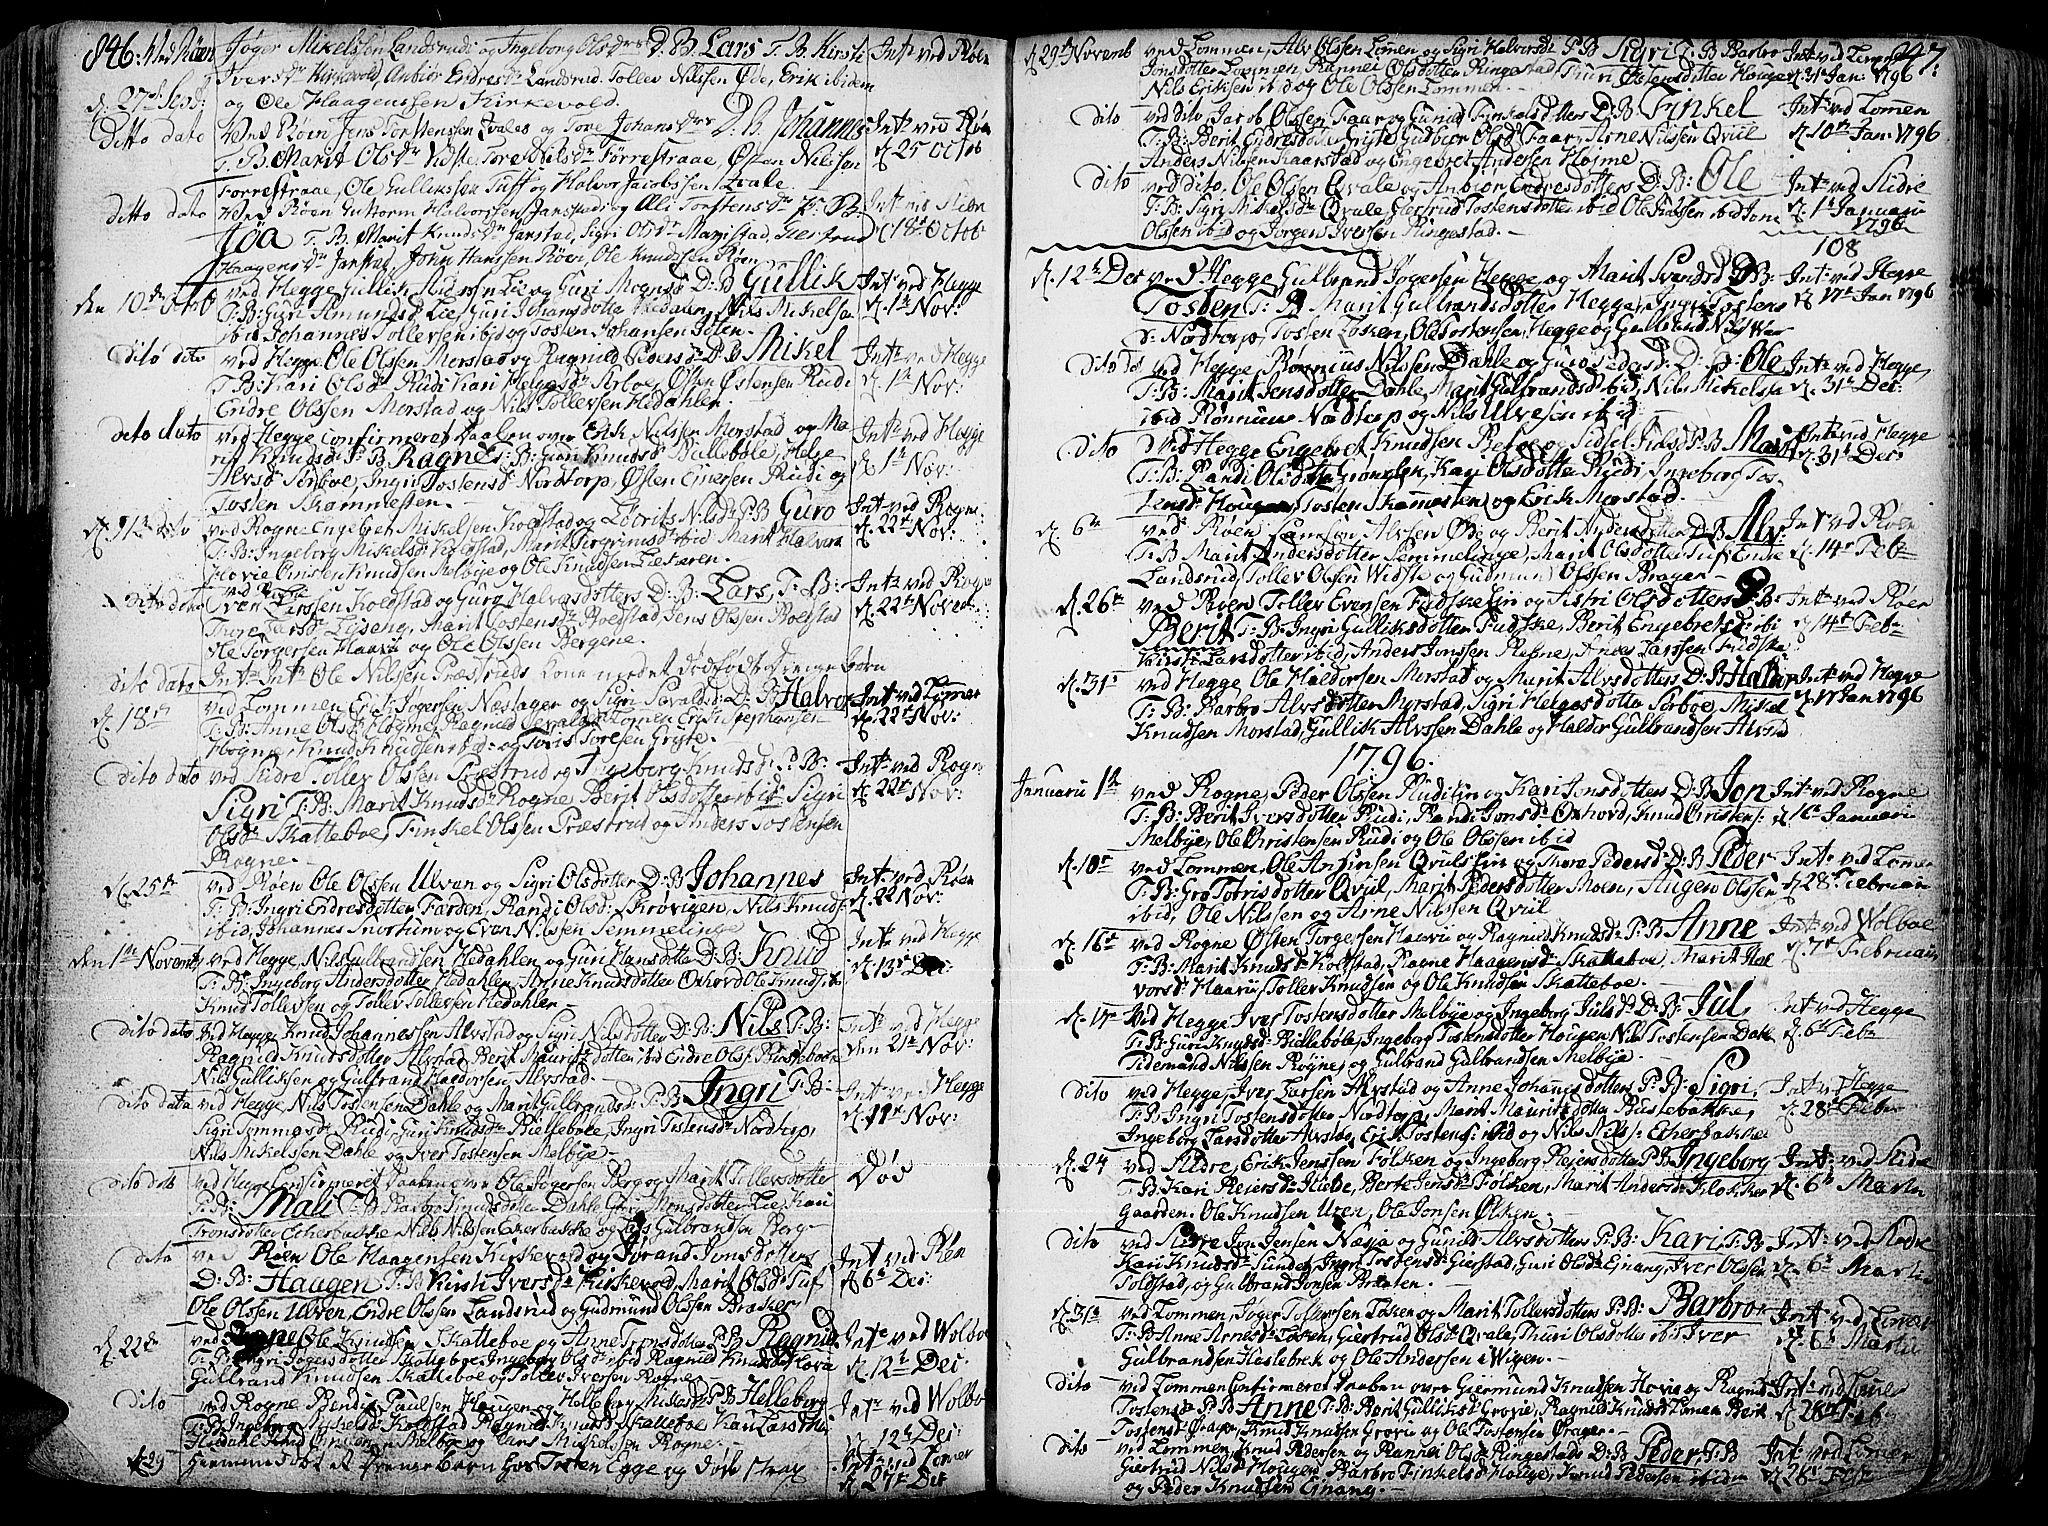 SAH, Slidre prestekontor, Ministerialbok nr. 1, 1724-1814, s. 846-847